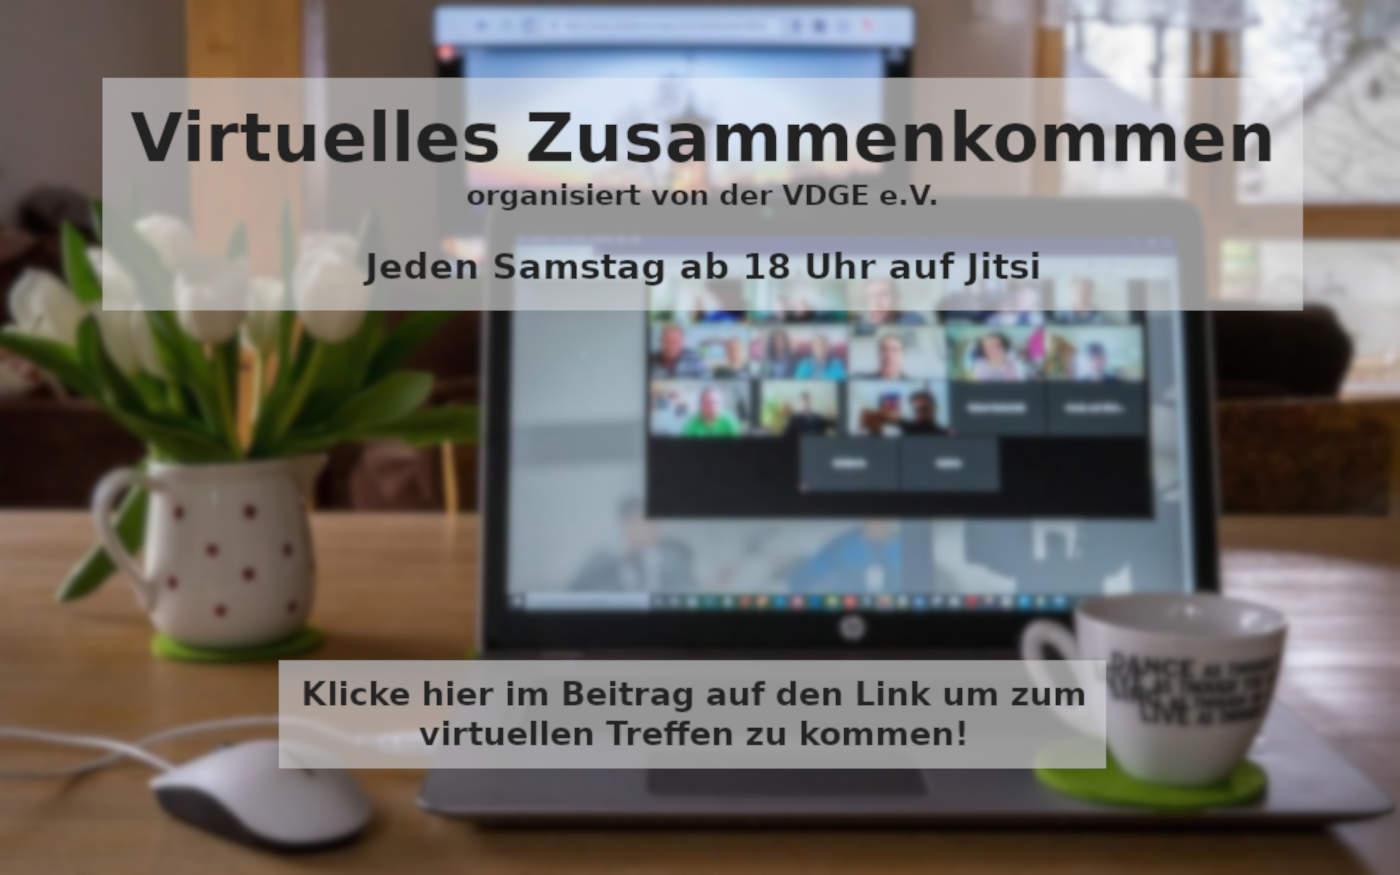 Virtuelles Zusammenkommen in den einsamen Zeiten der Pandemie an jedem Samstag ab 18 Uhr 1